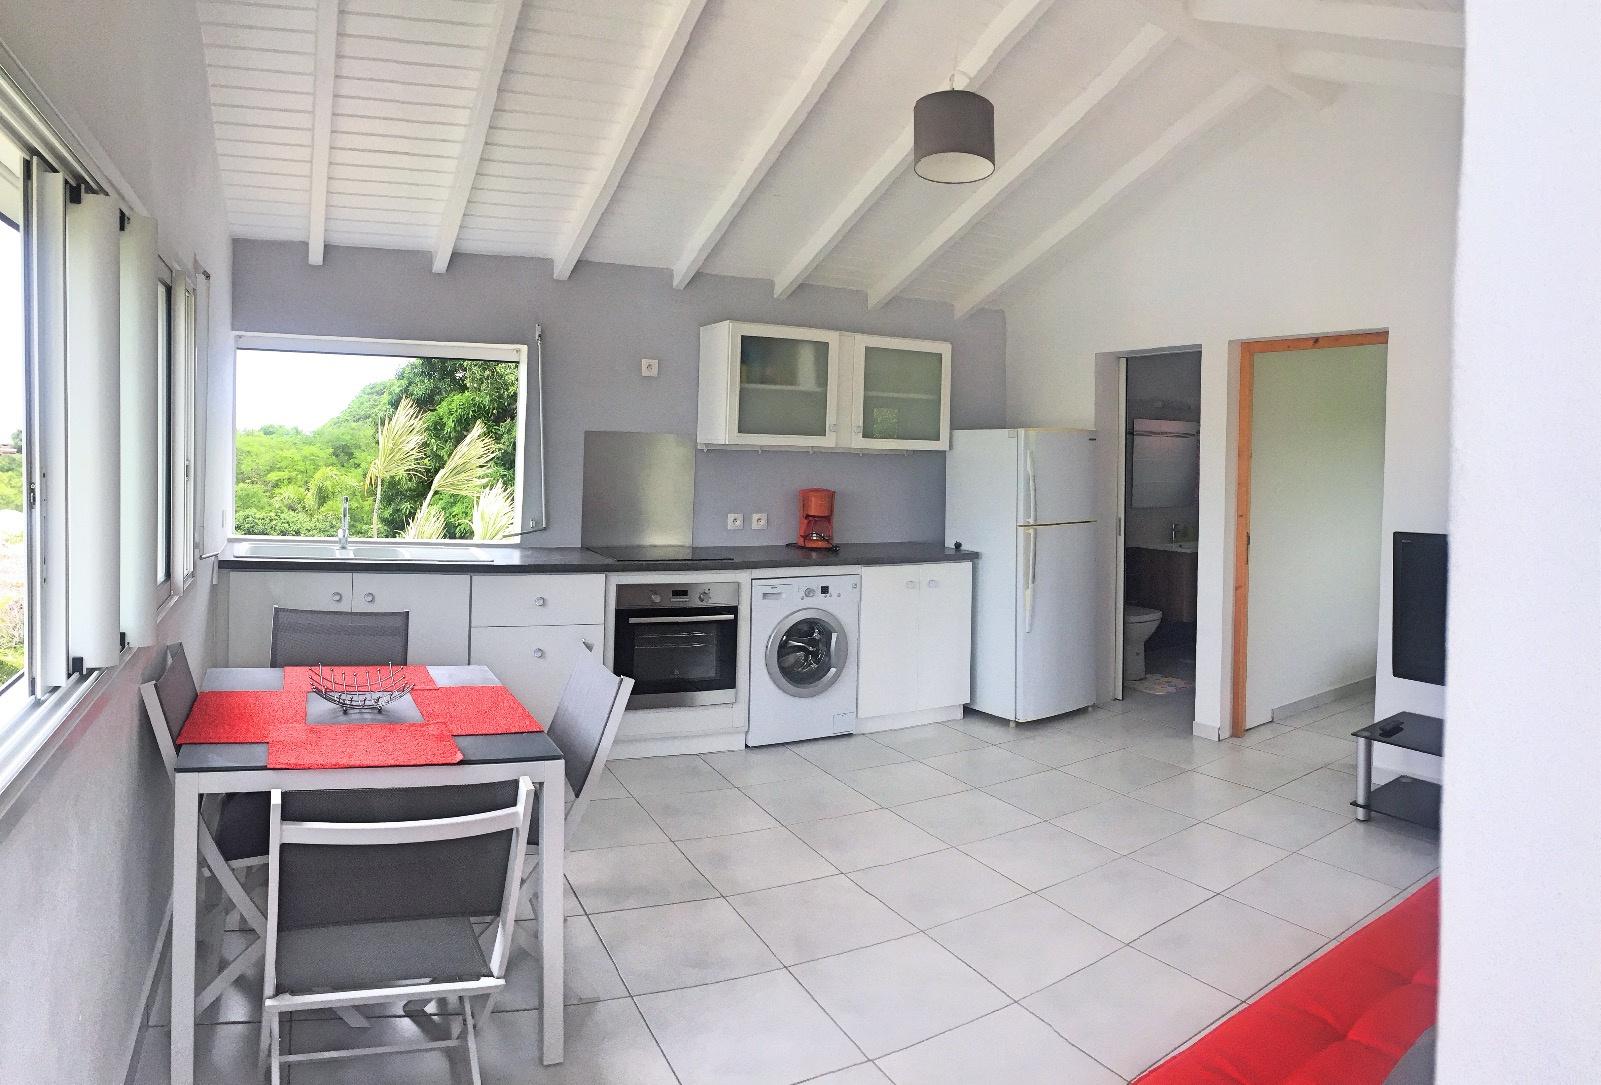 Location de vacances Appartement Sainte-Anne 97180